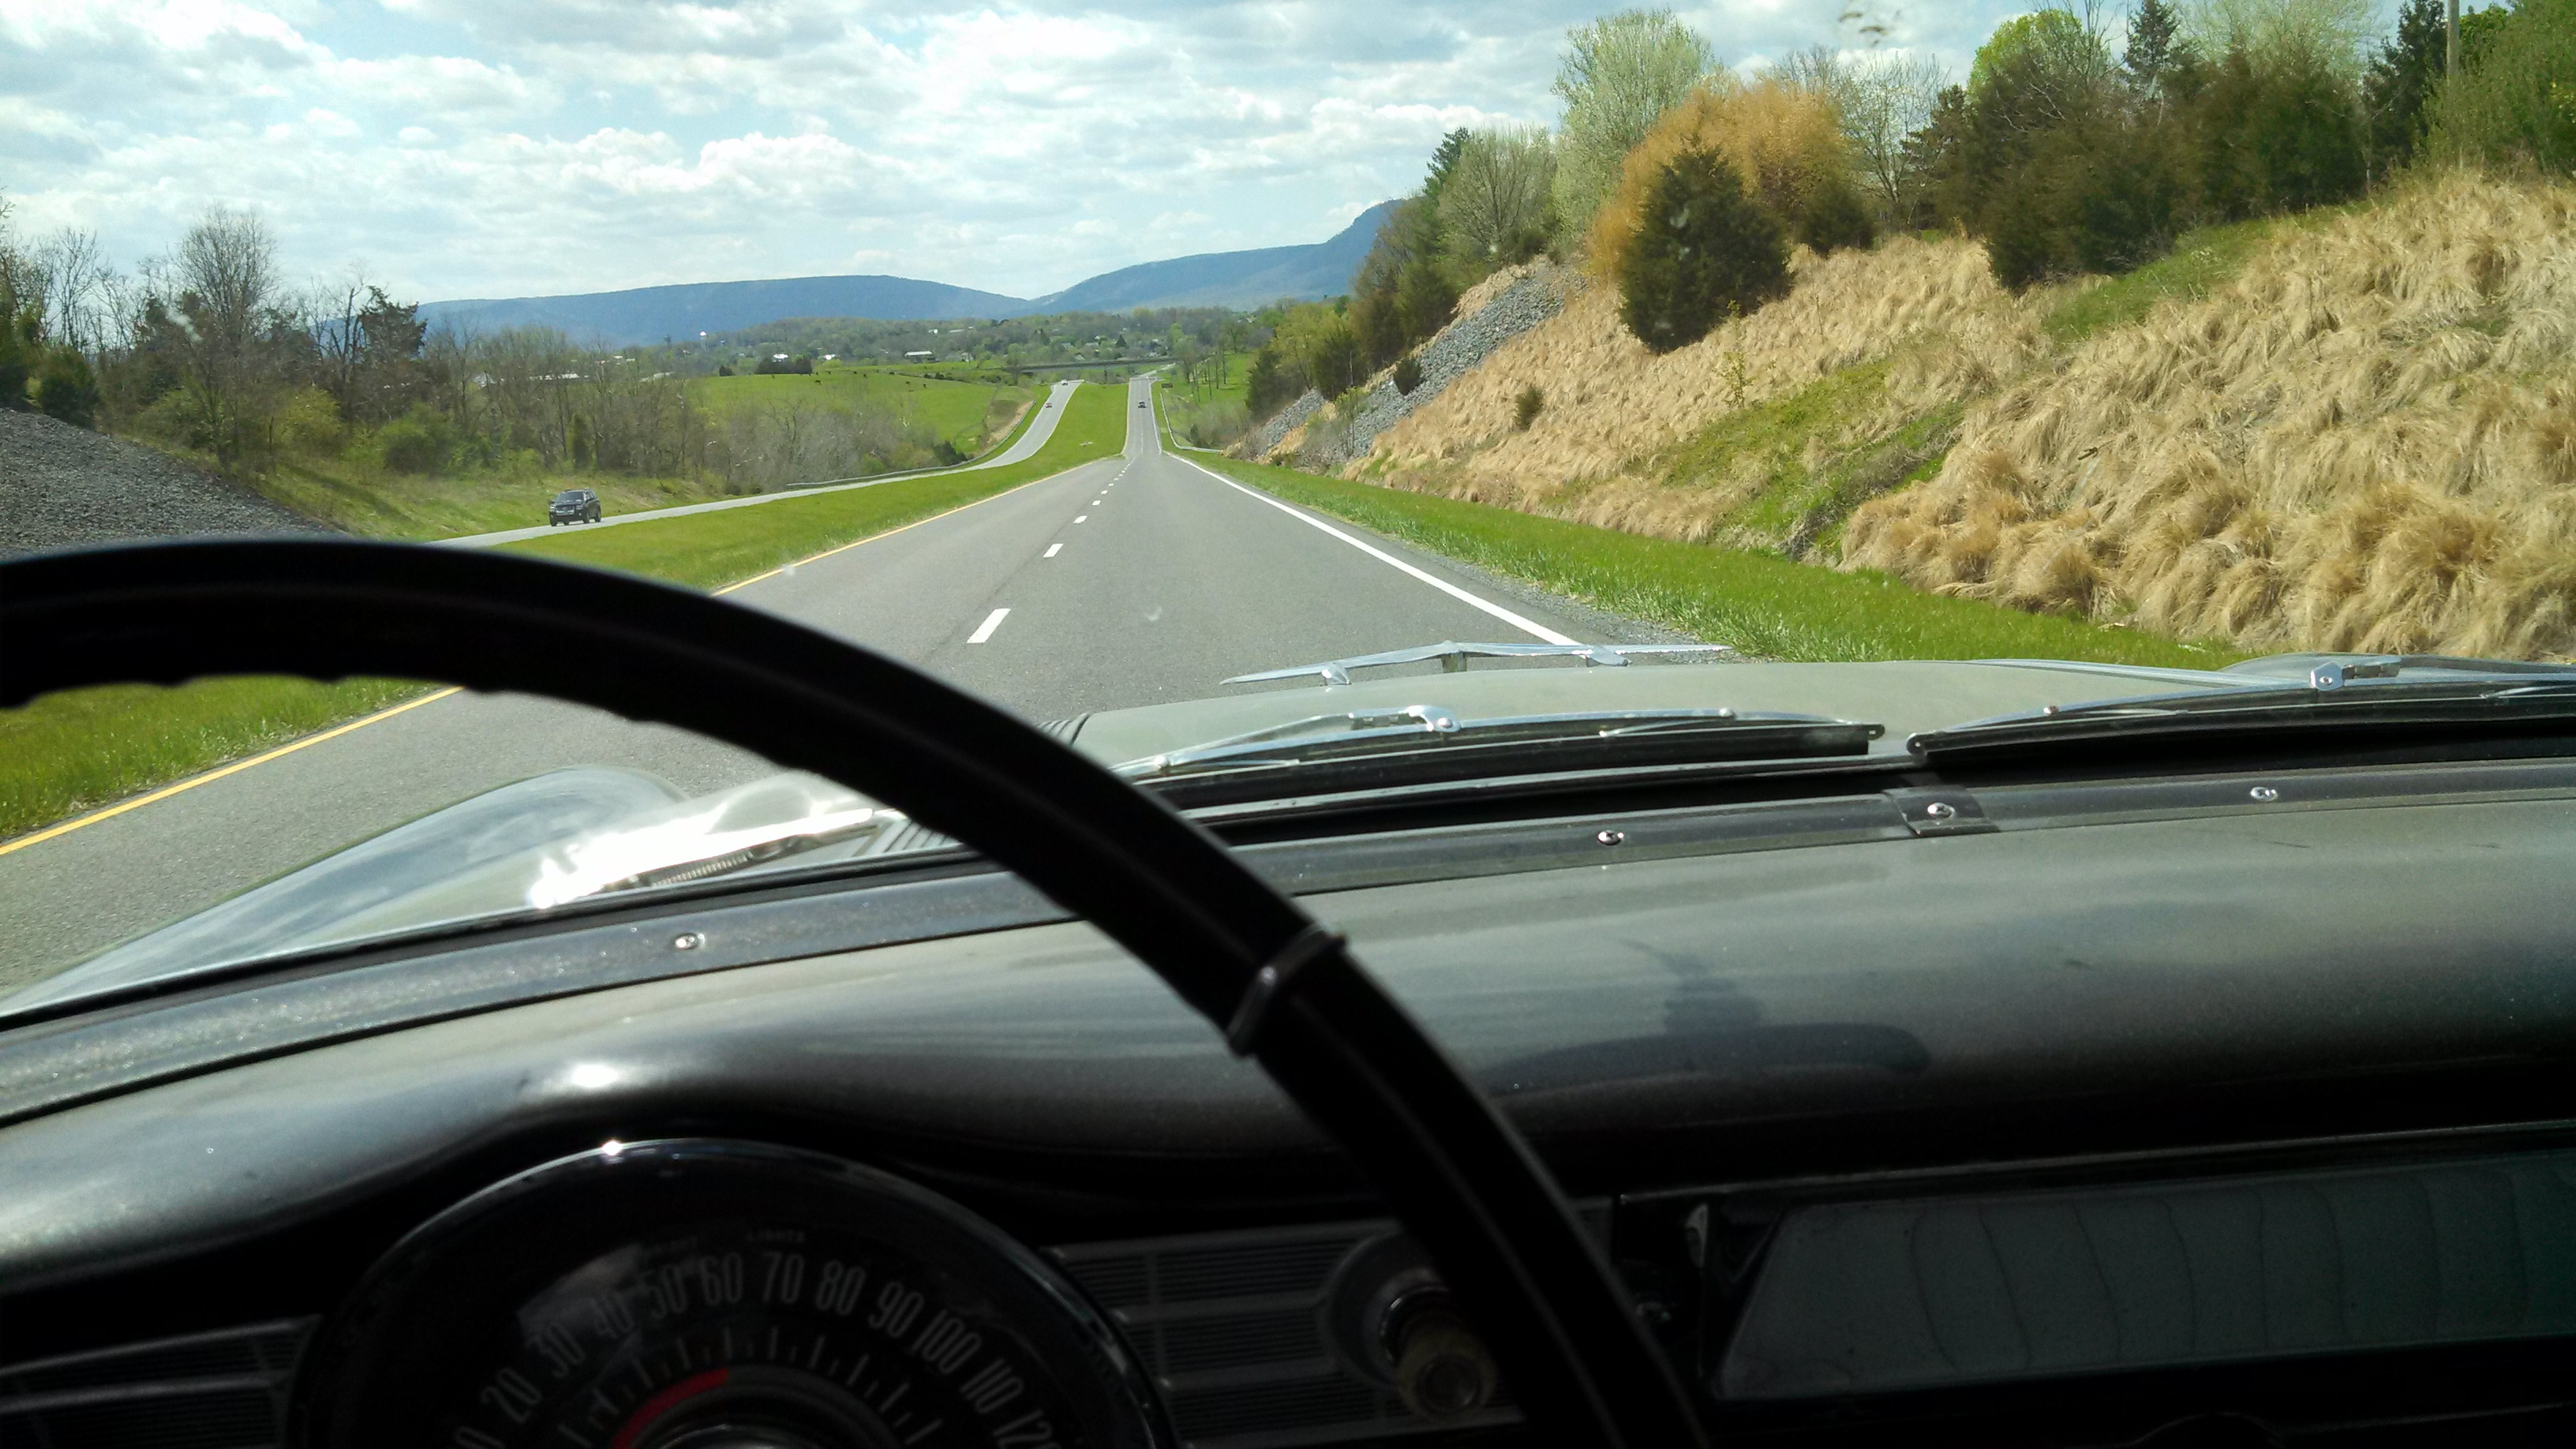 56 pontiac 4-26-2014 road pic.jpg